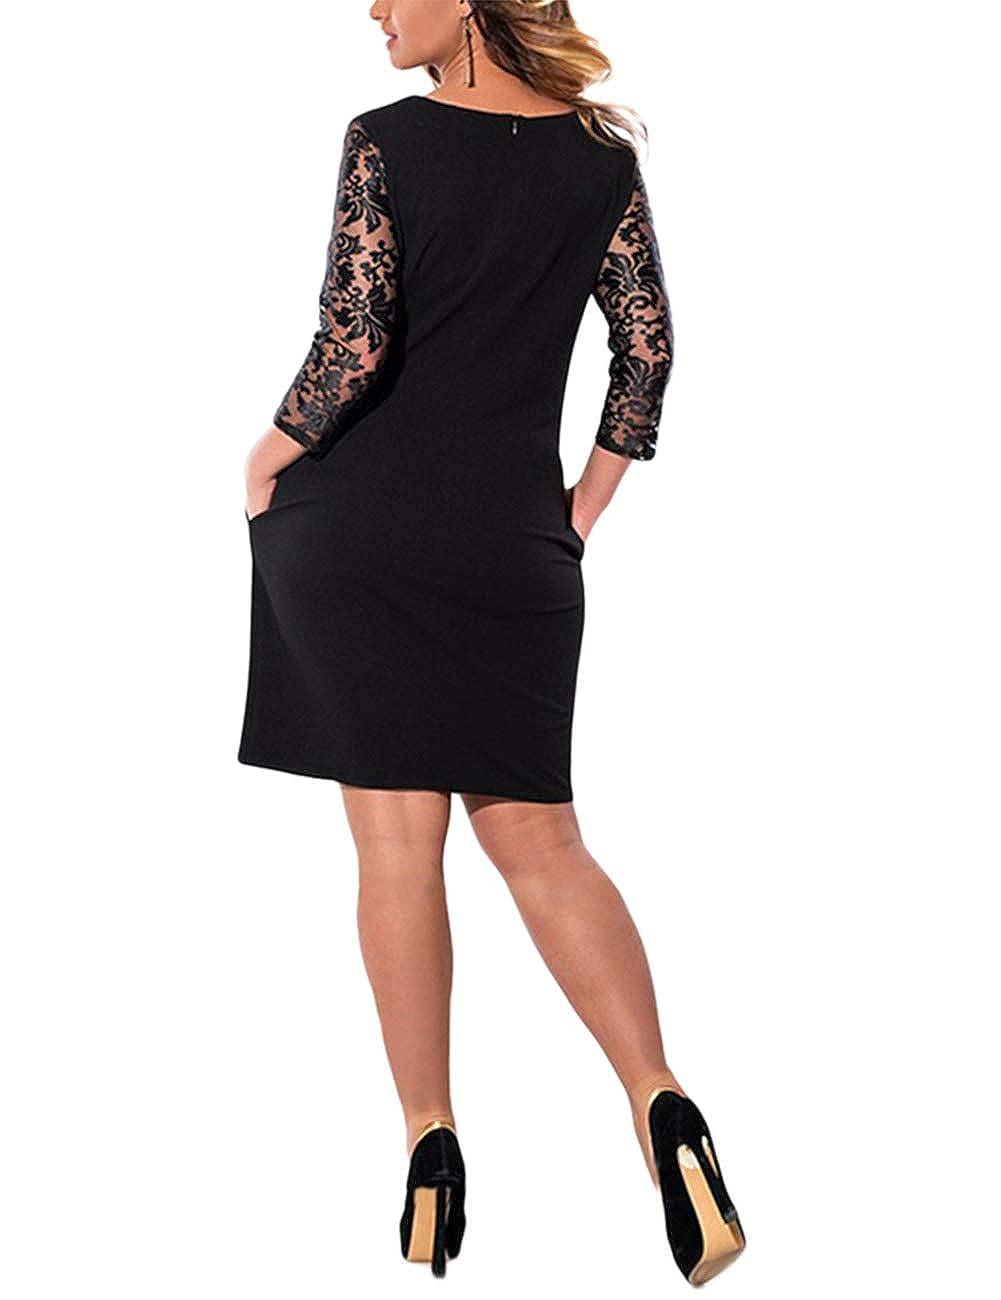 XUBA Vestido de Costura Simple de Cordón de Color Cuello Sólido de Cuello Color Redondo de Encaje de Gran Tamaño para Mujer fd95d2